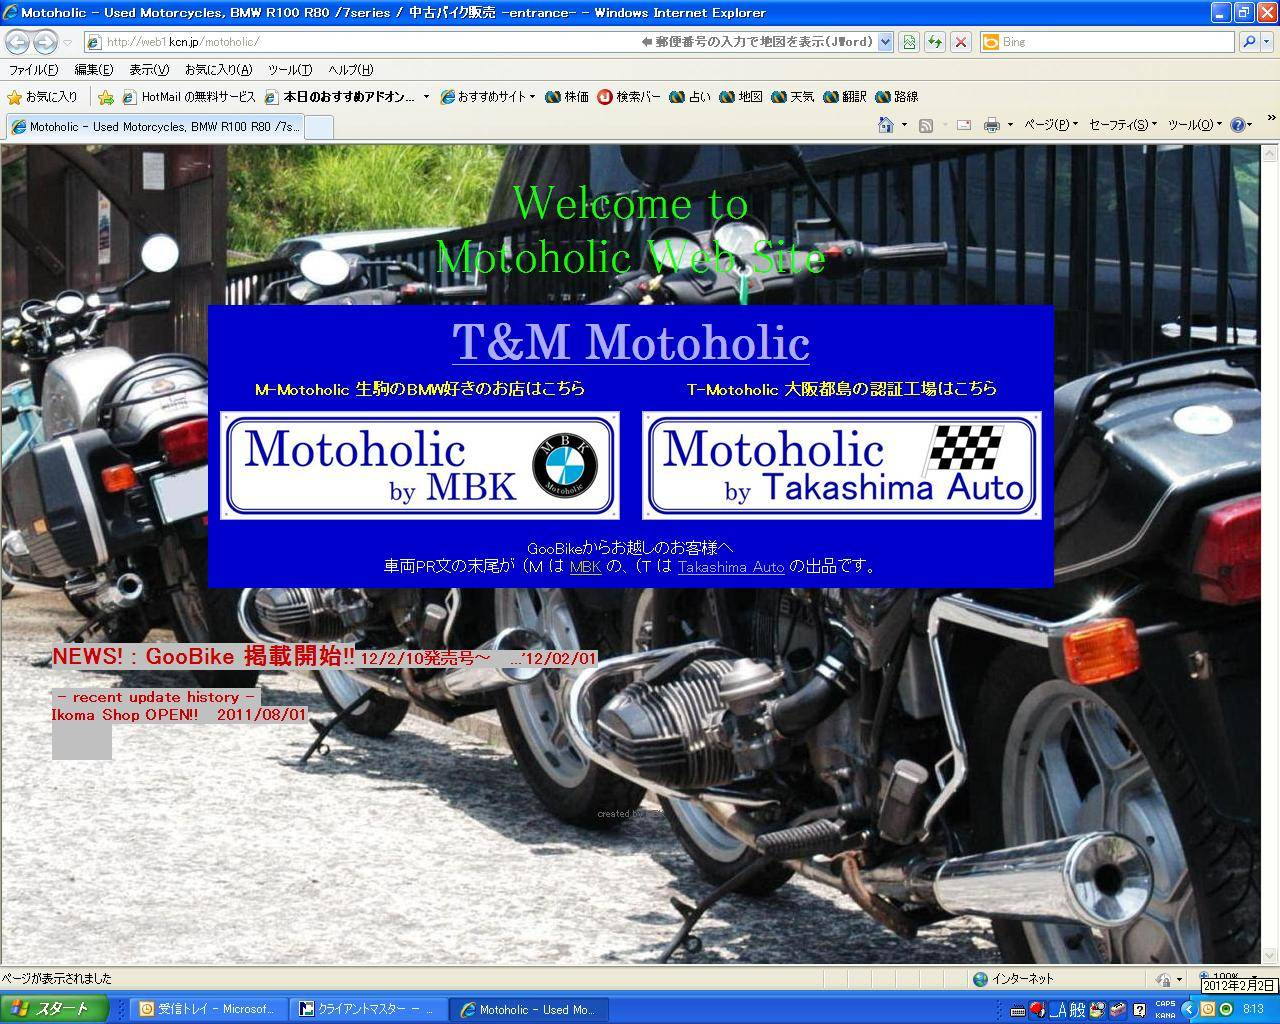 T&M Motoholic